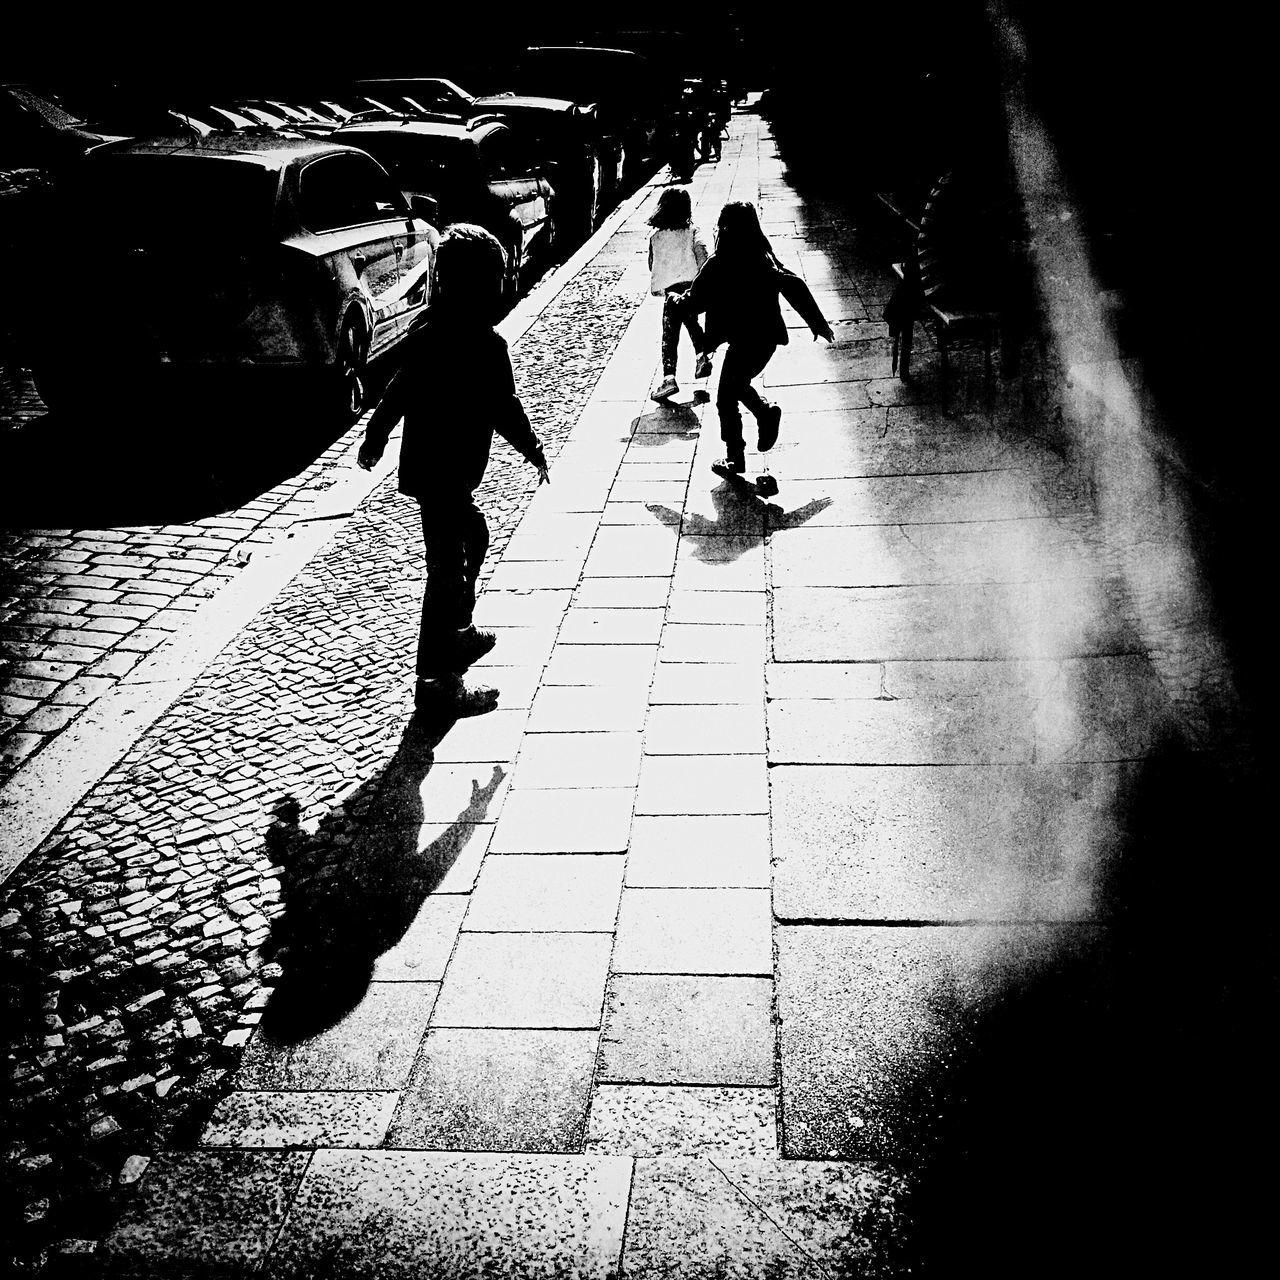 Children Running On Sidewalk By City Street